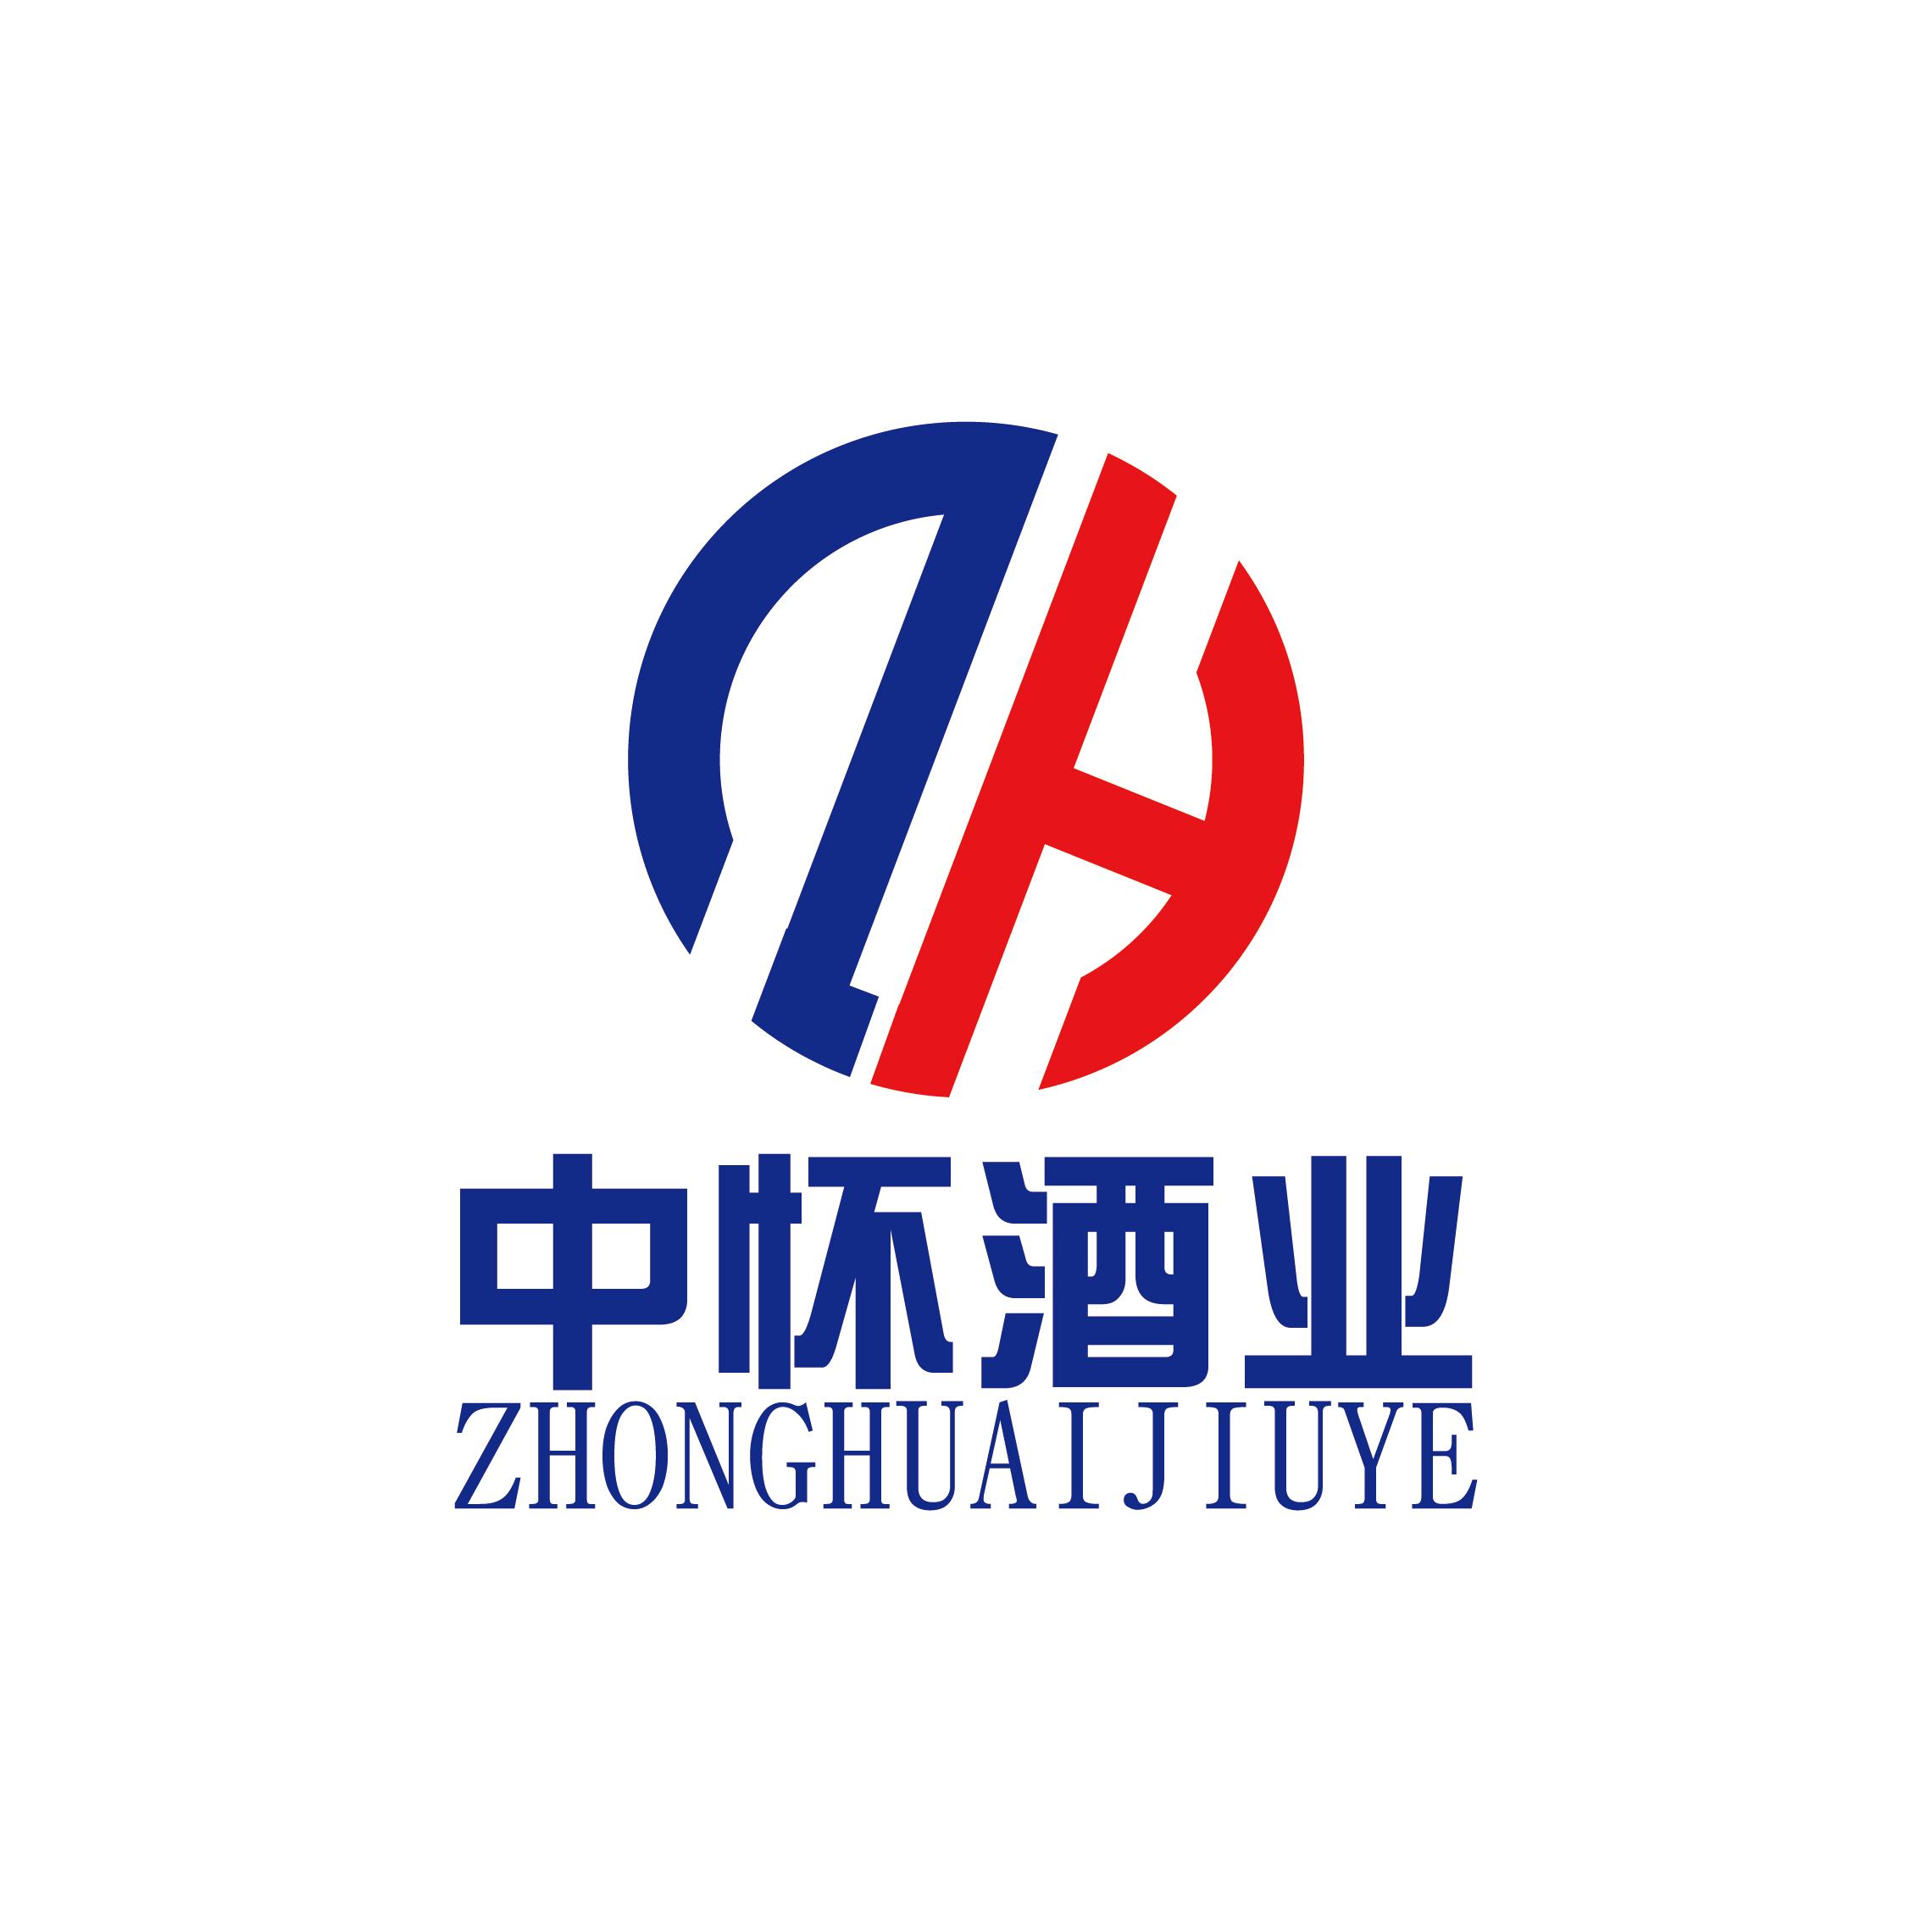 贵州省仁怀市中怀酒业有限公司